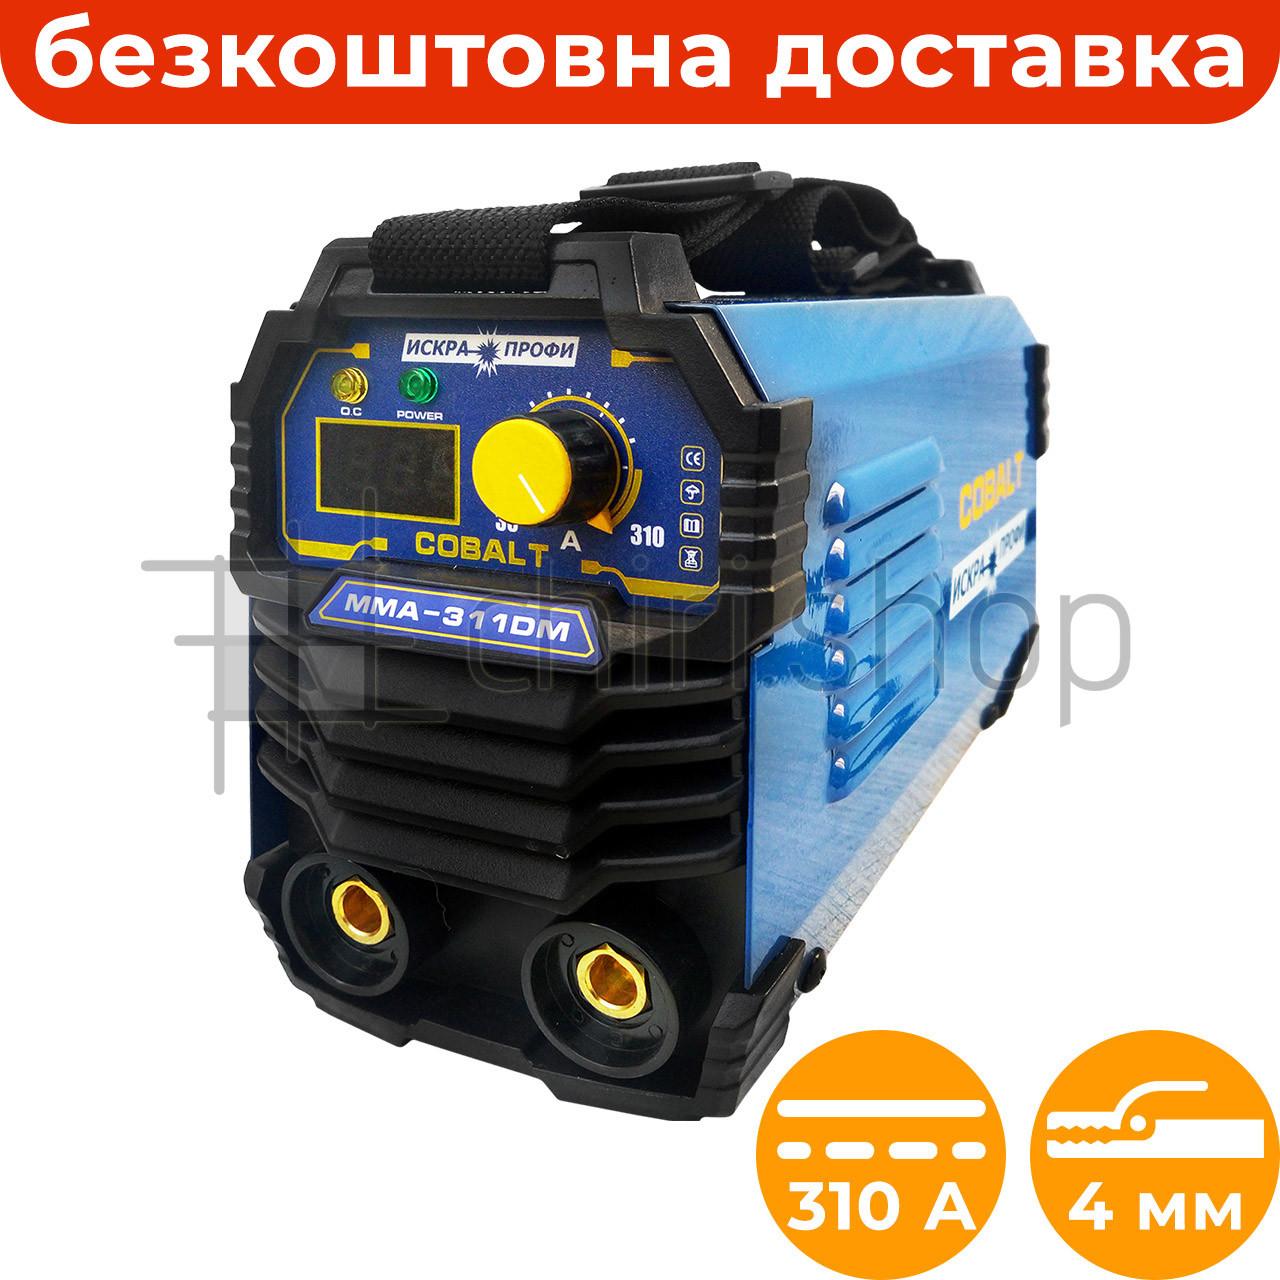 Сварочный инвертор Искра-Профи Cobalt MMA-311DM, мини сварочный аппарат ММА, инверторная сварка для дома